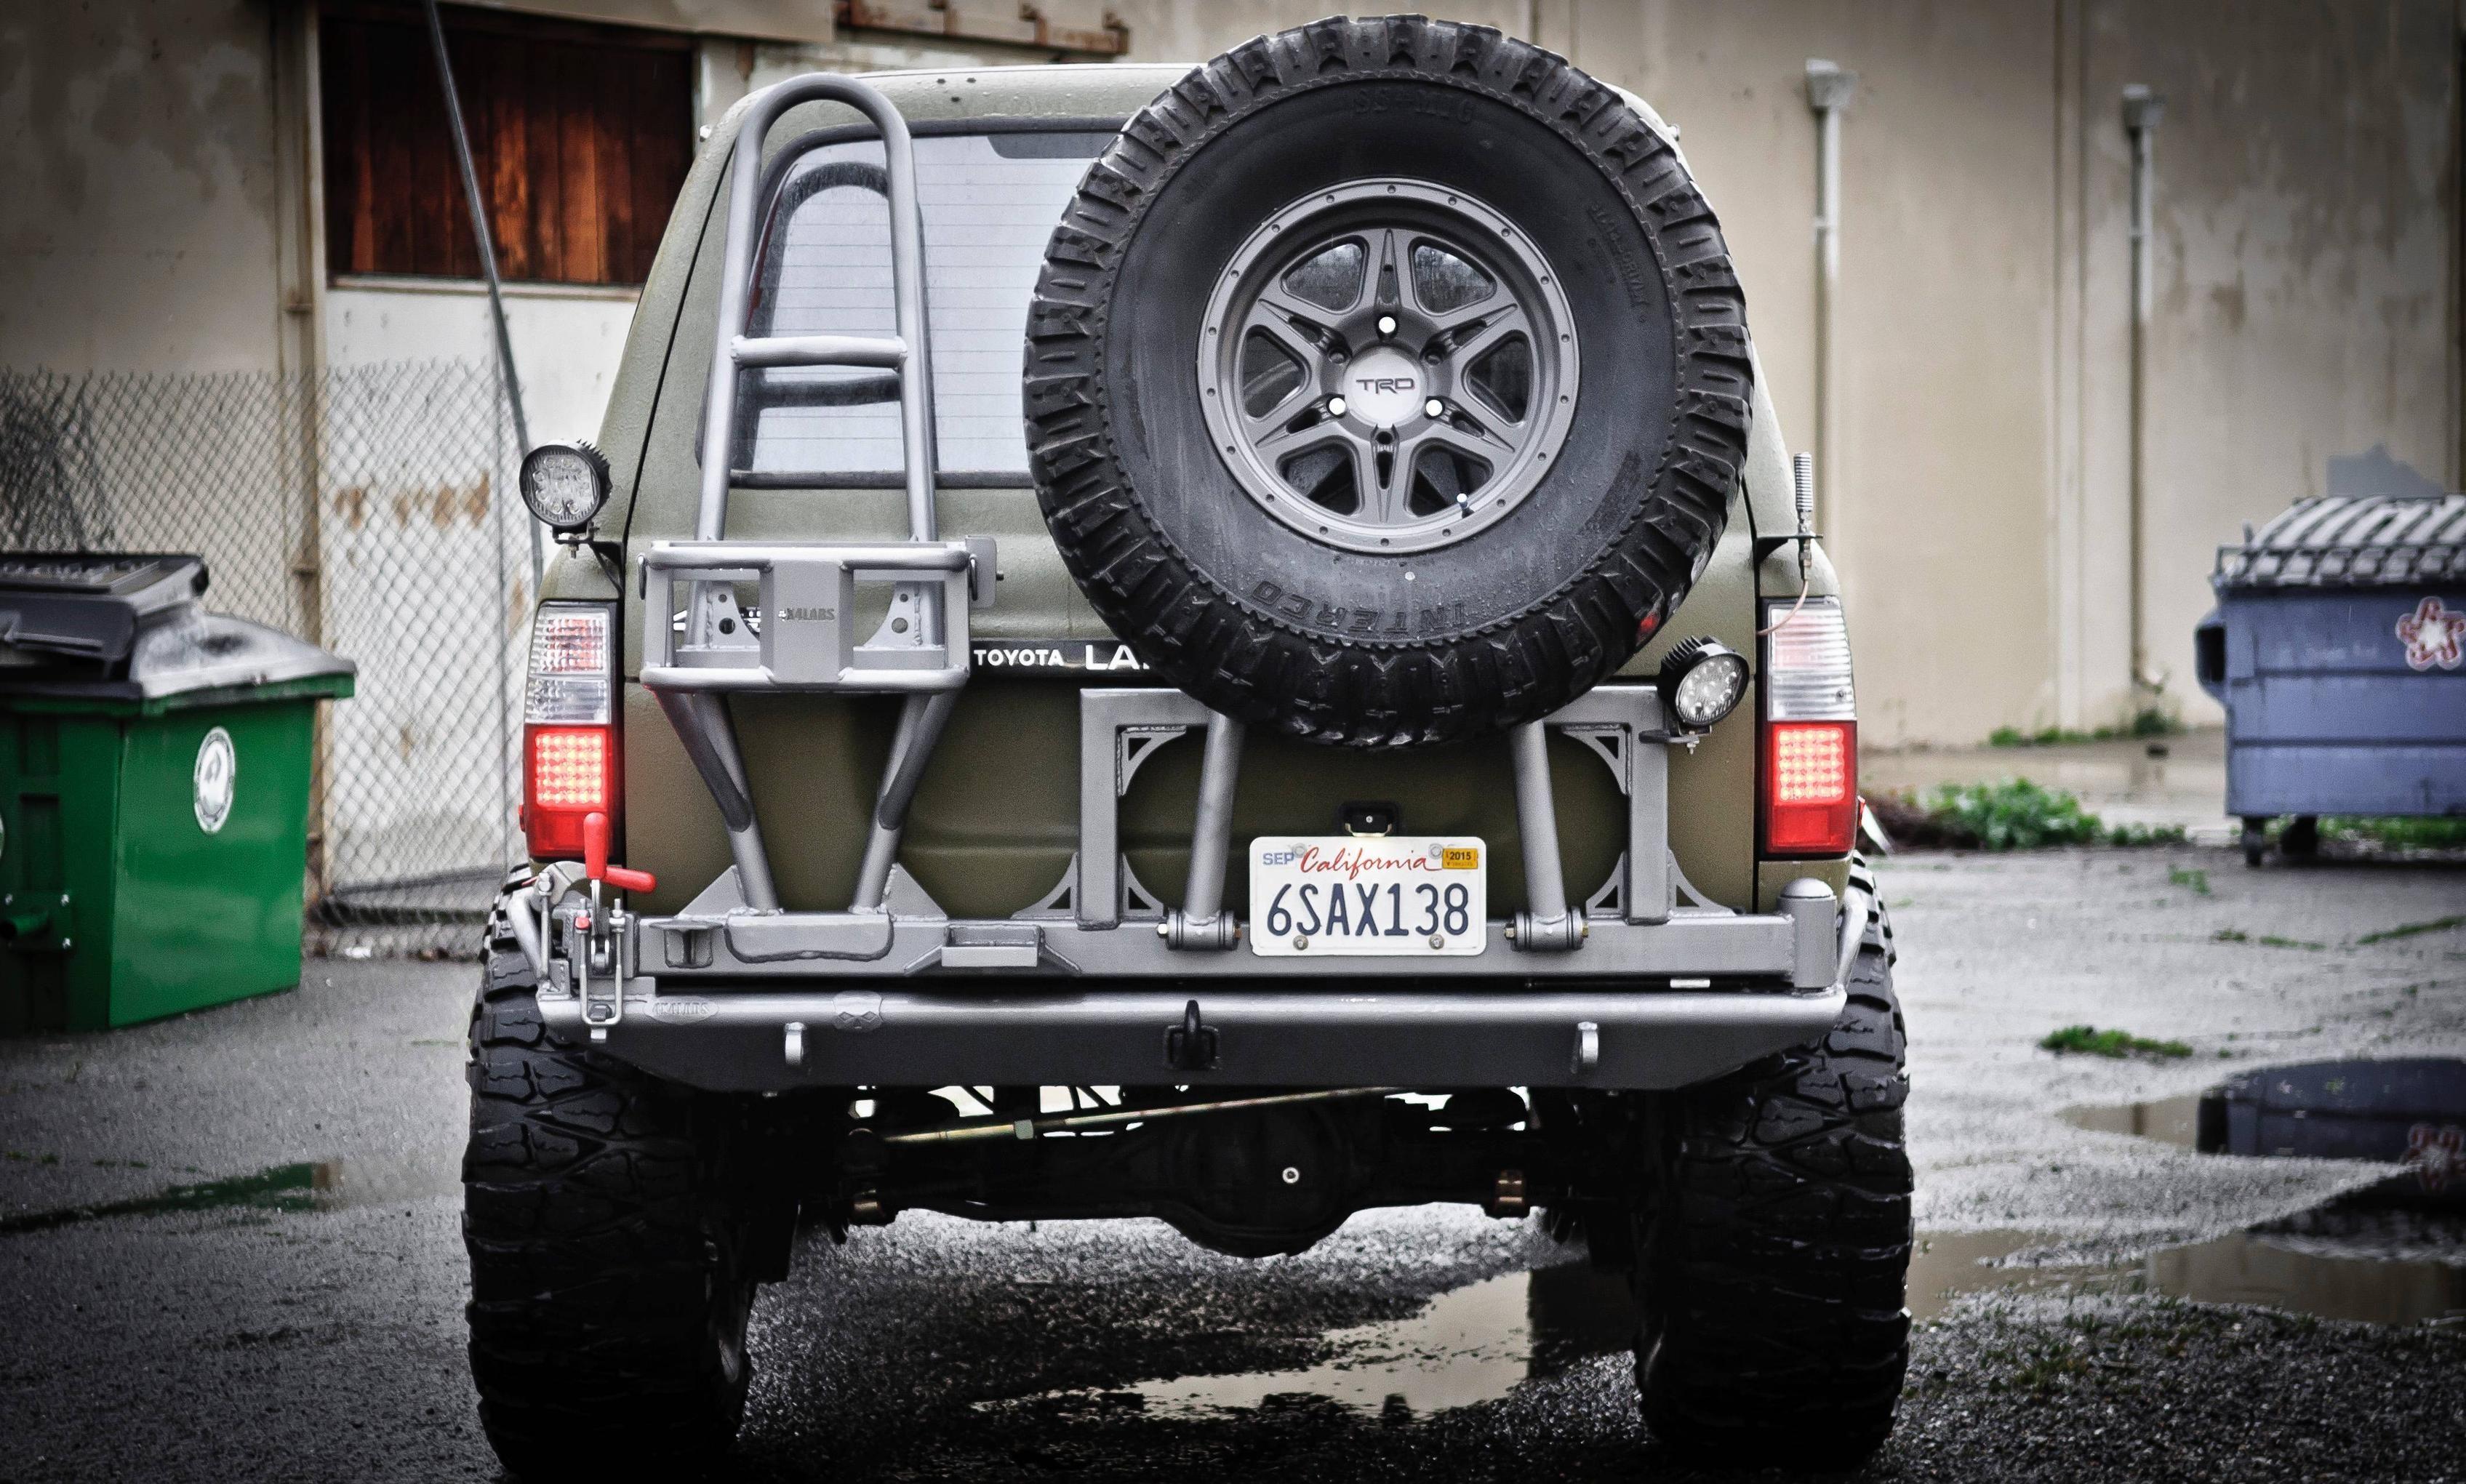 80-Series rear bumper | Vehicles: MODS | Land cruiser